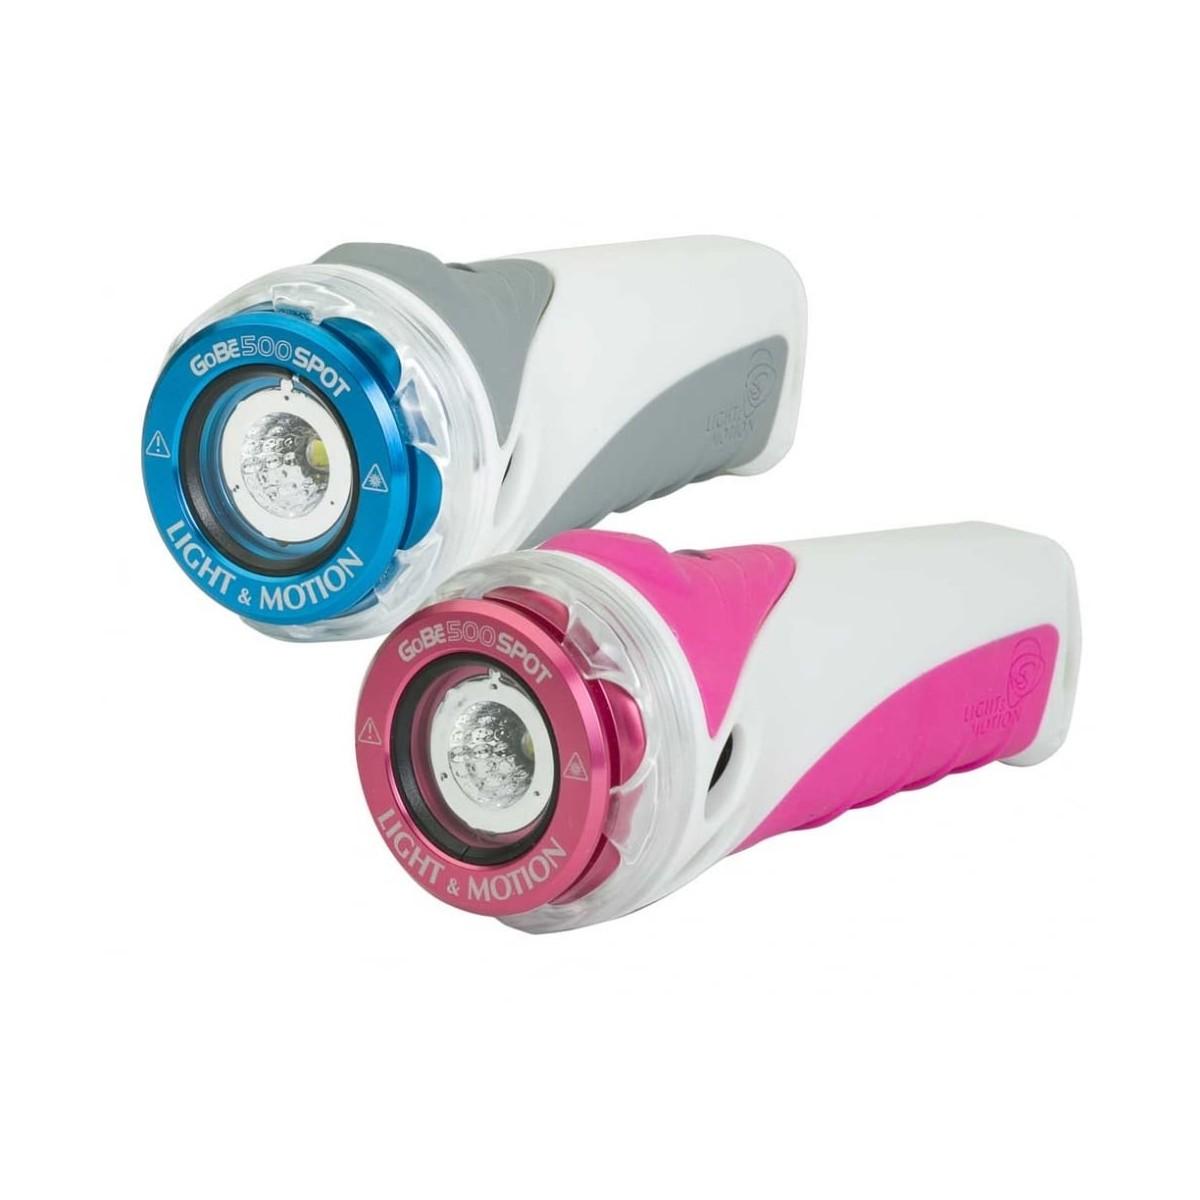 Light & Motion GoBe S 500 Spot Light, White/Blue